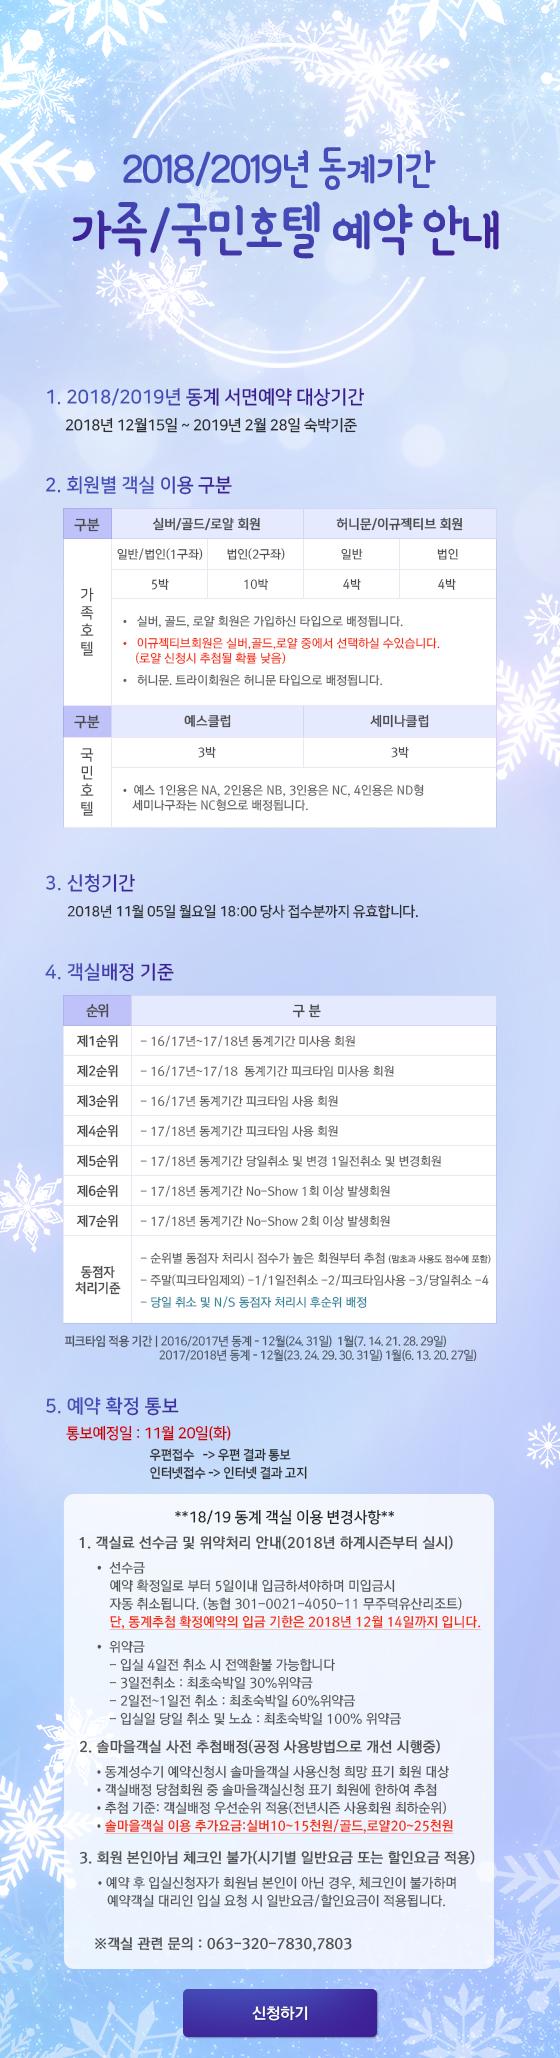 2018/2019년 동계기간 가족/국민호텔 예약 안내